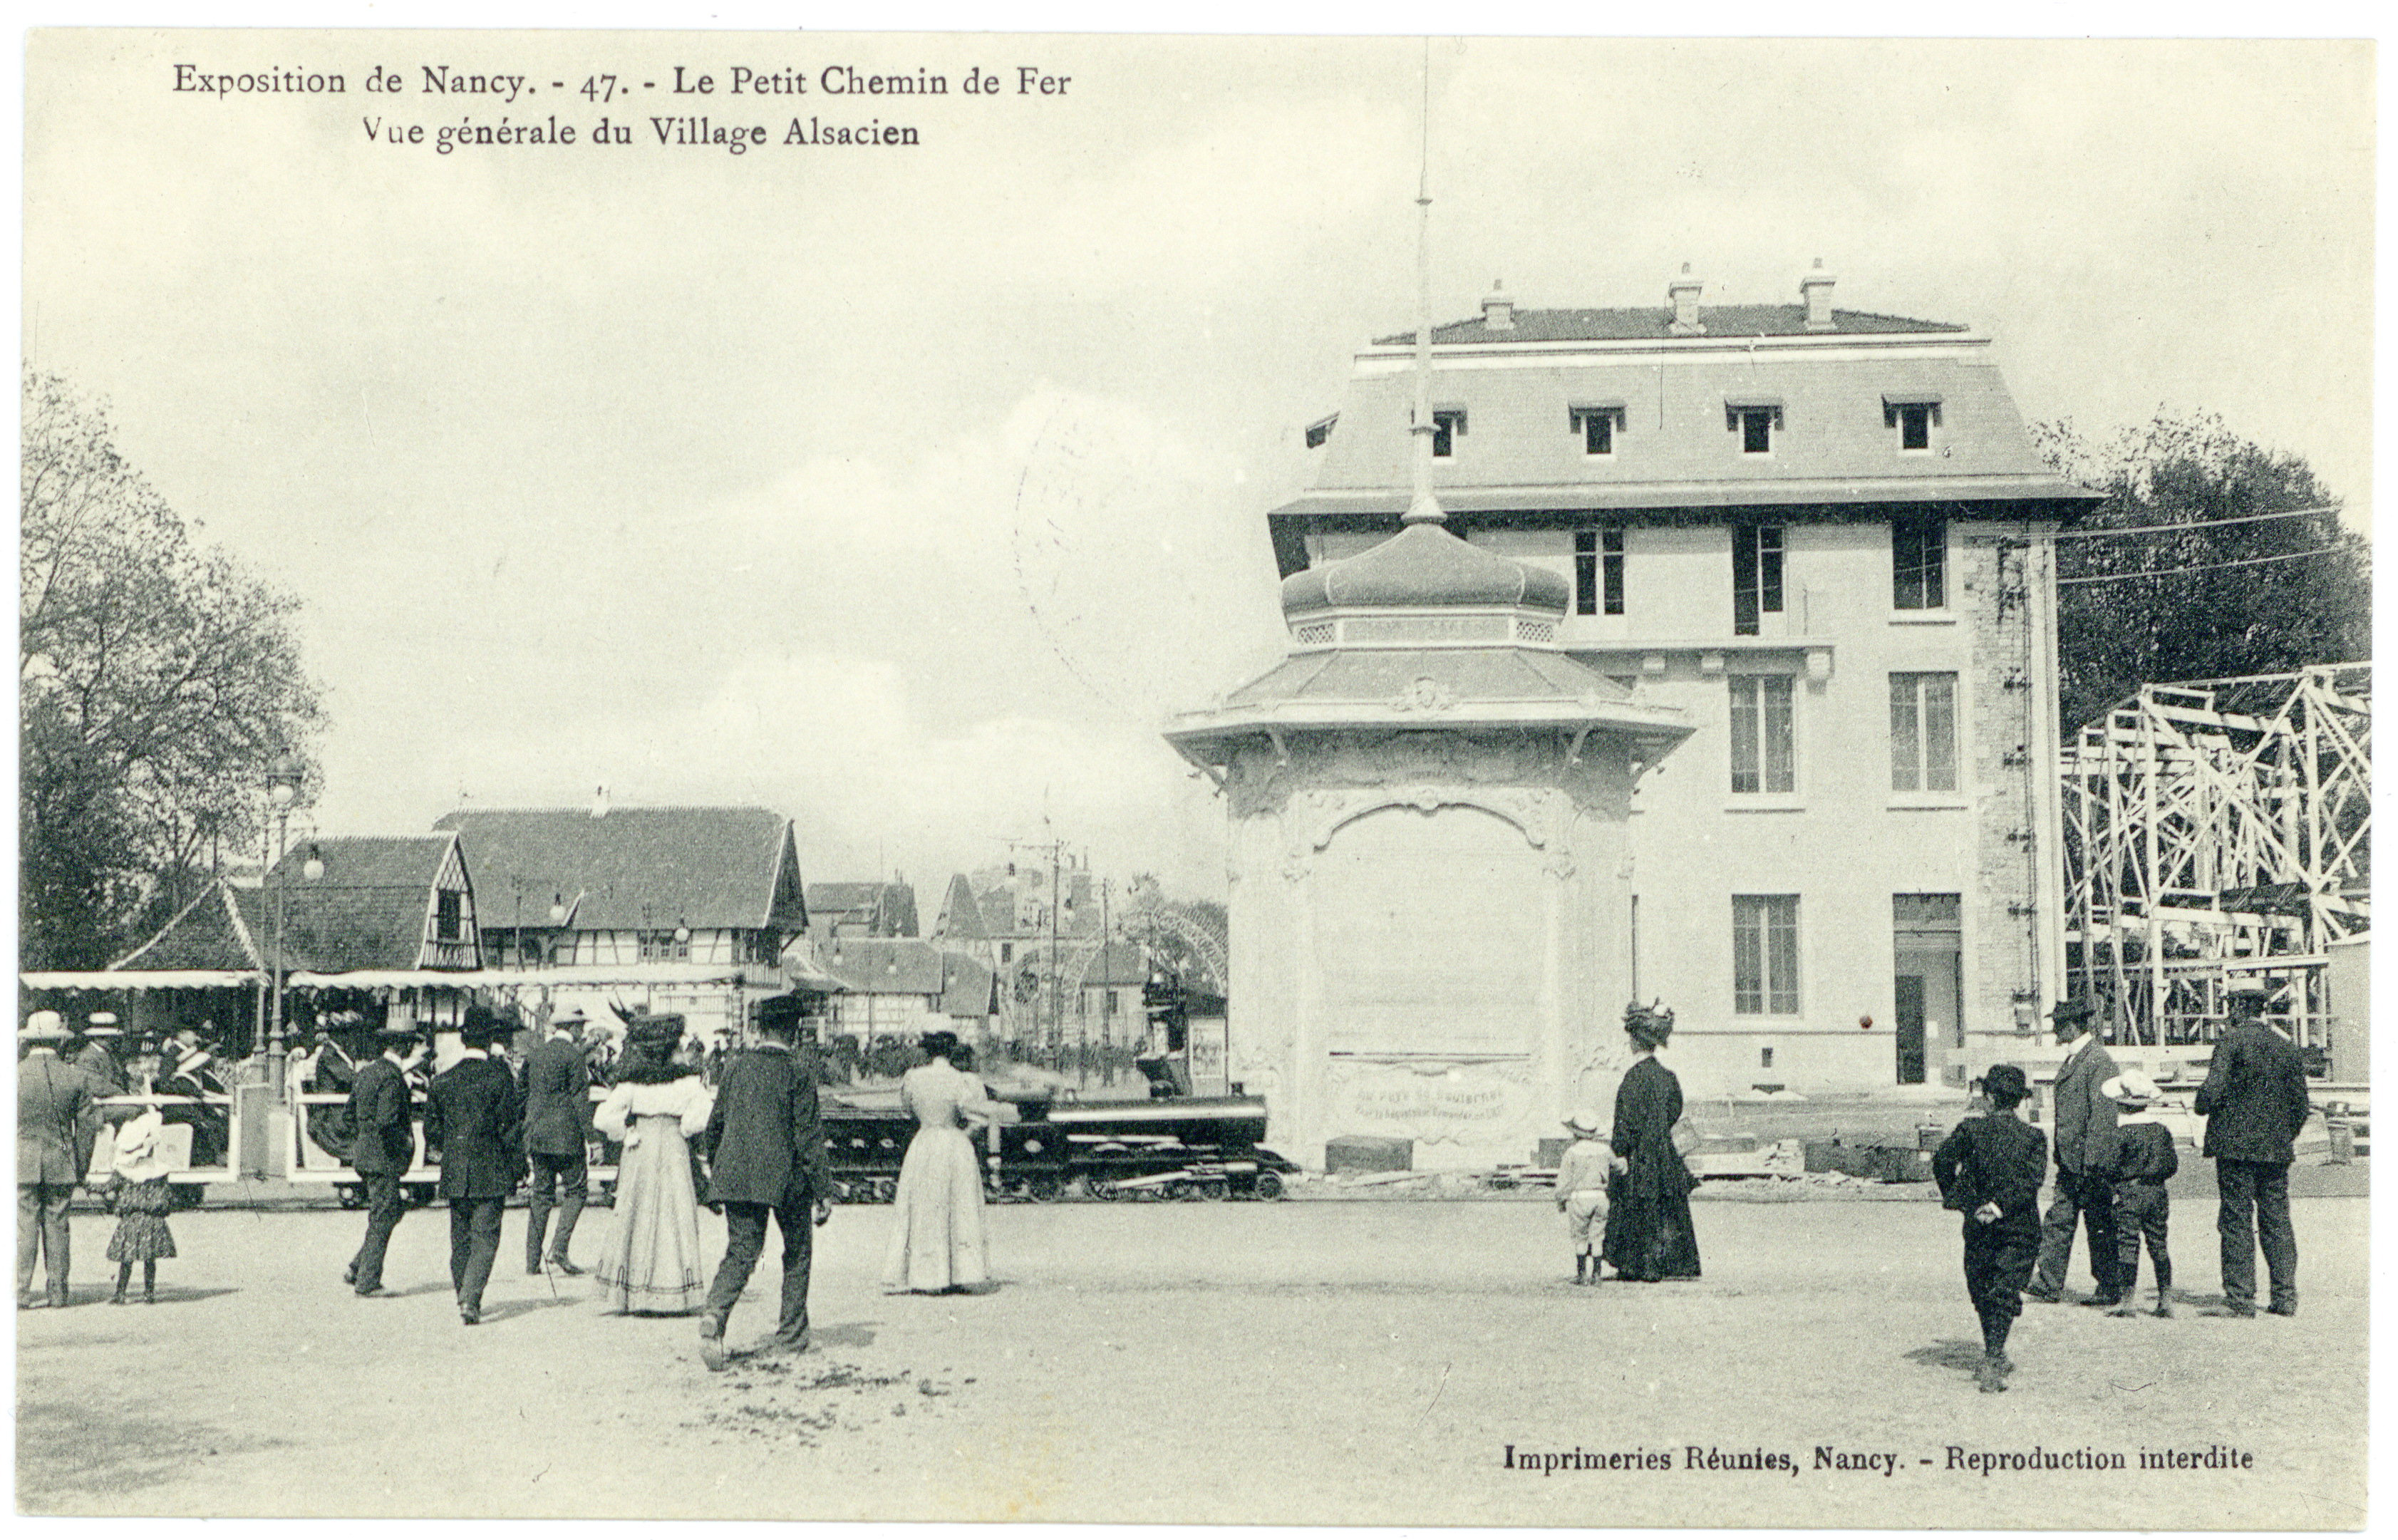 Contenu du Le petit chemin de fer, vue générale du village alsacien : exposition de Nancy